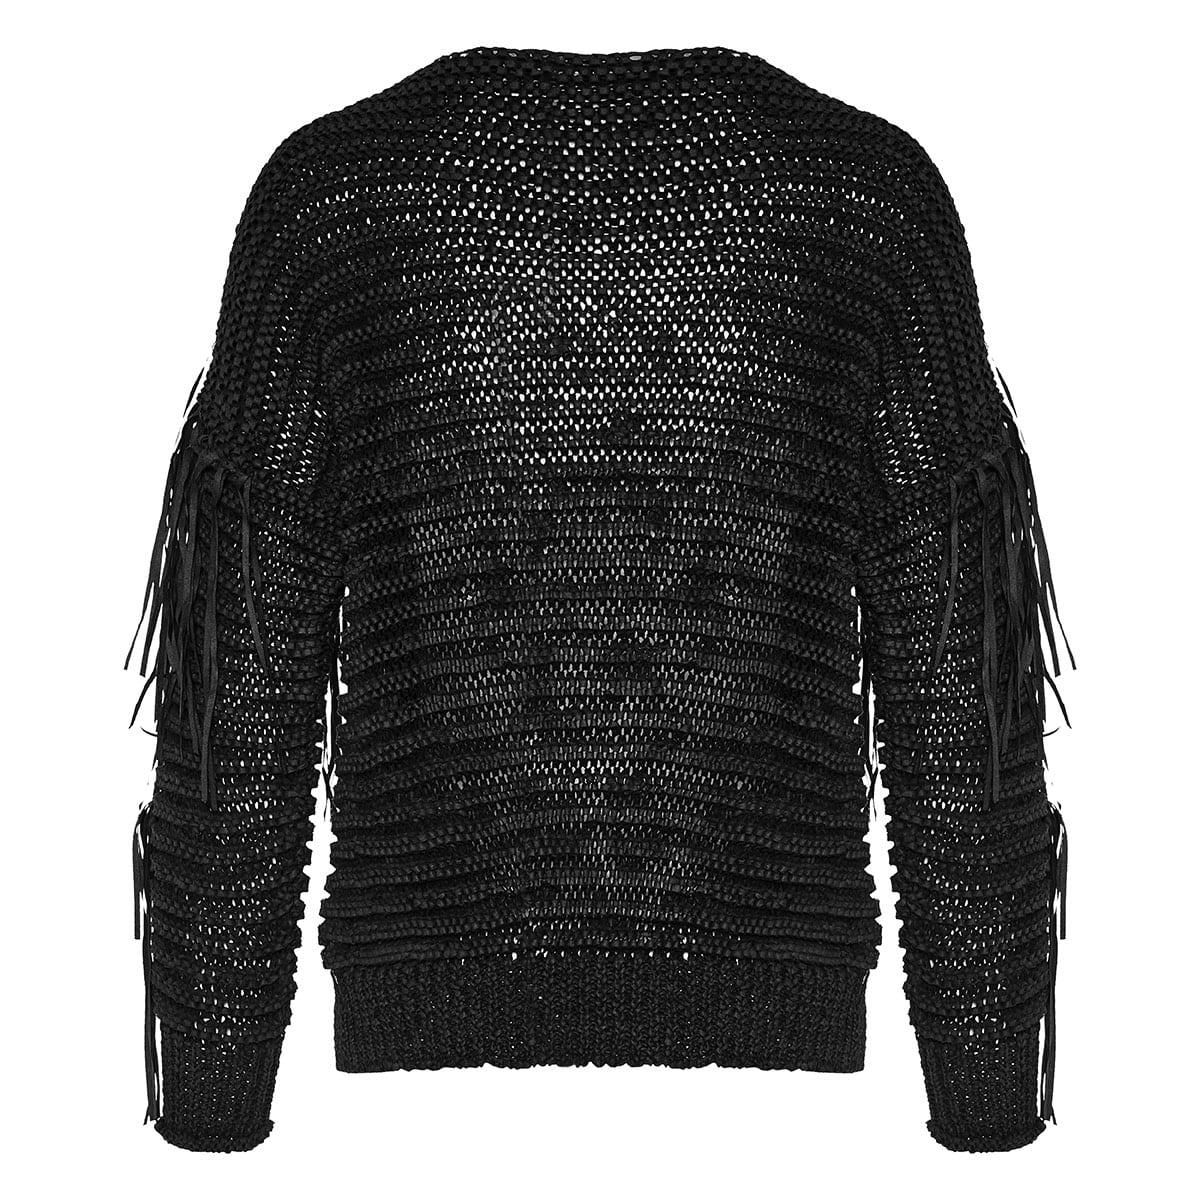 Crochet-paneled fringed sweater